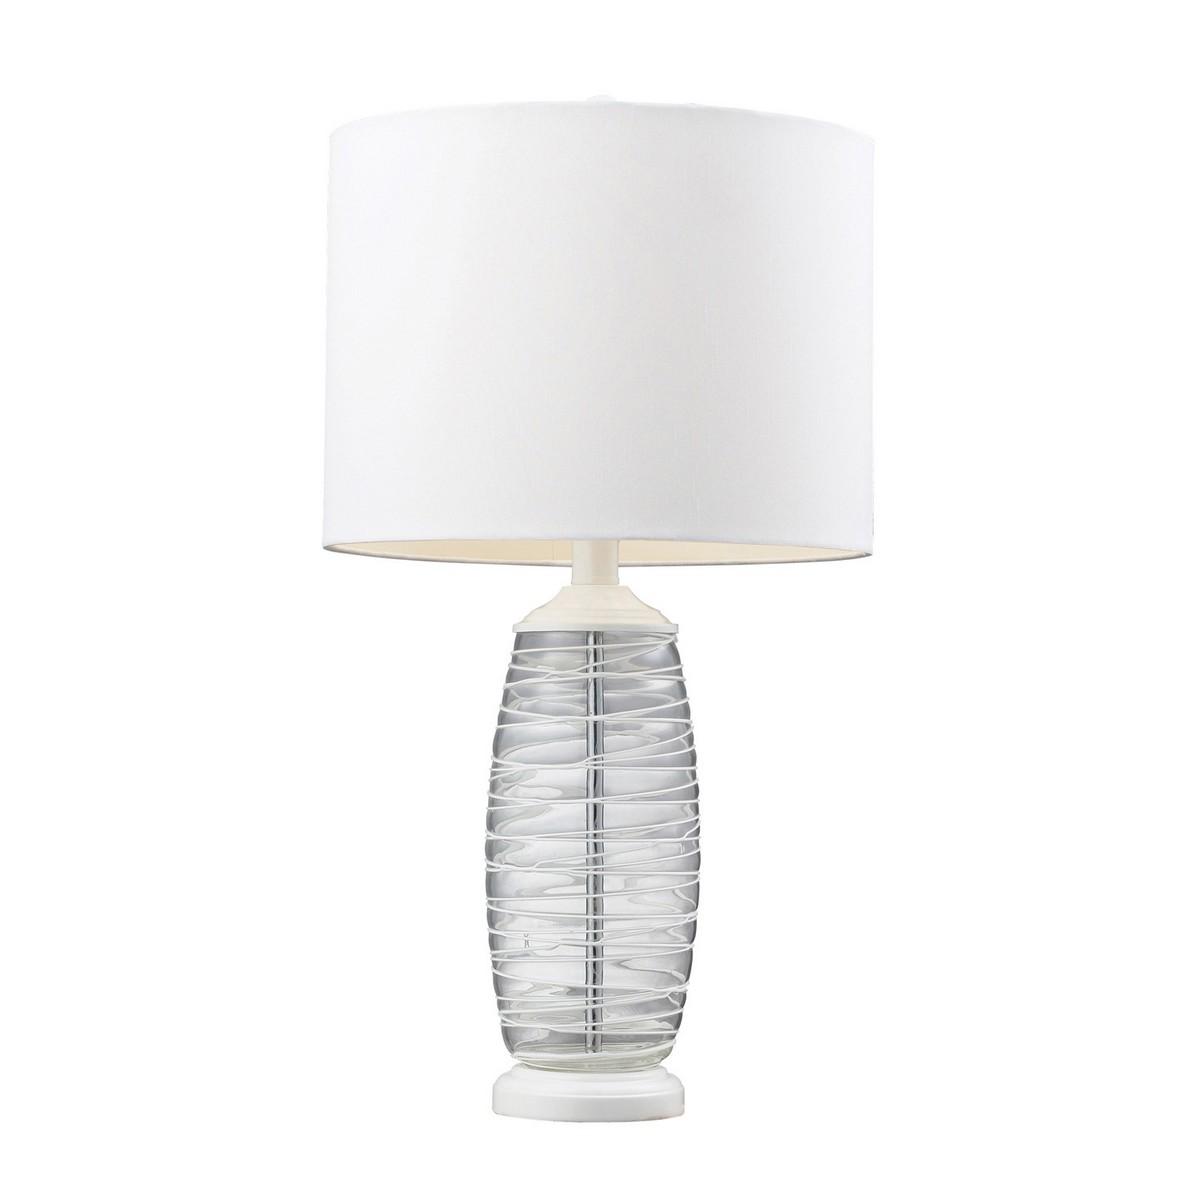 Elk Lighting D125 Table Lamp - Clear/White